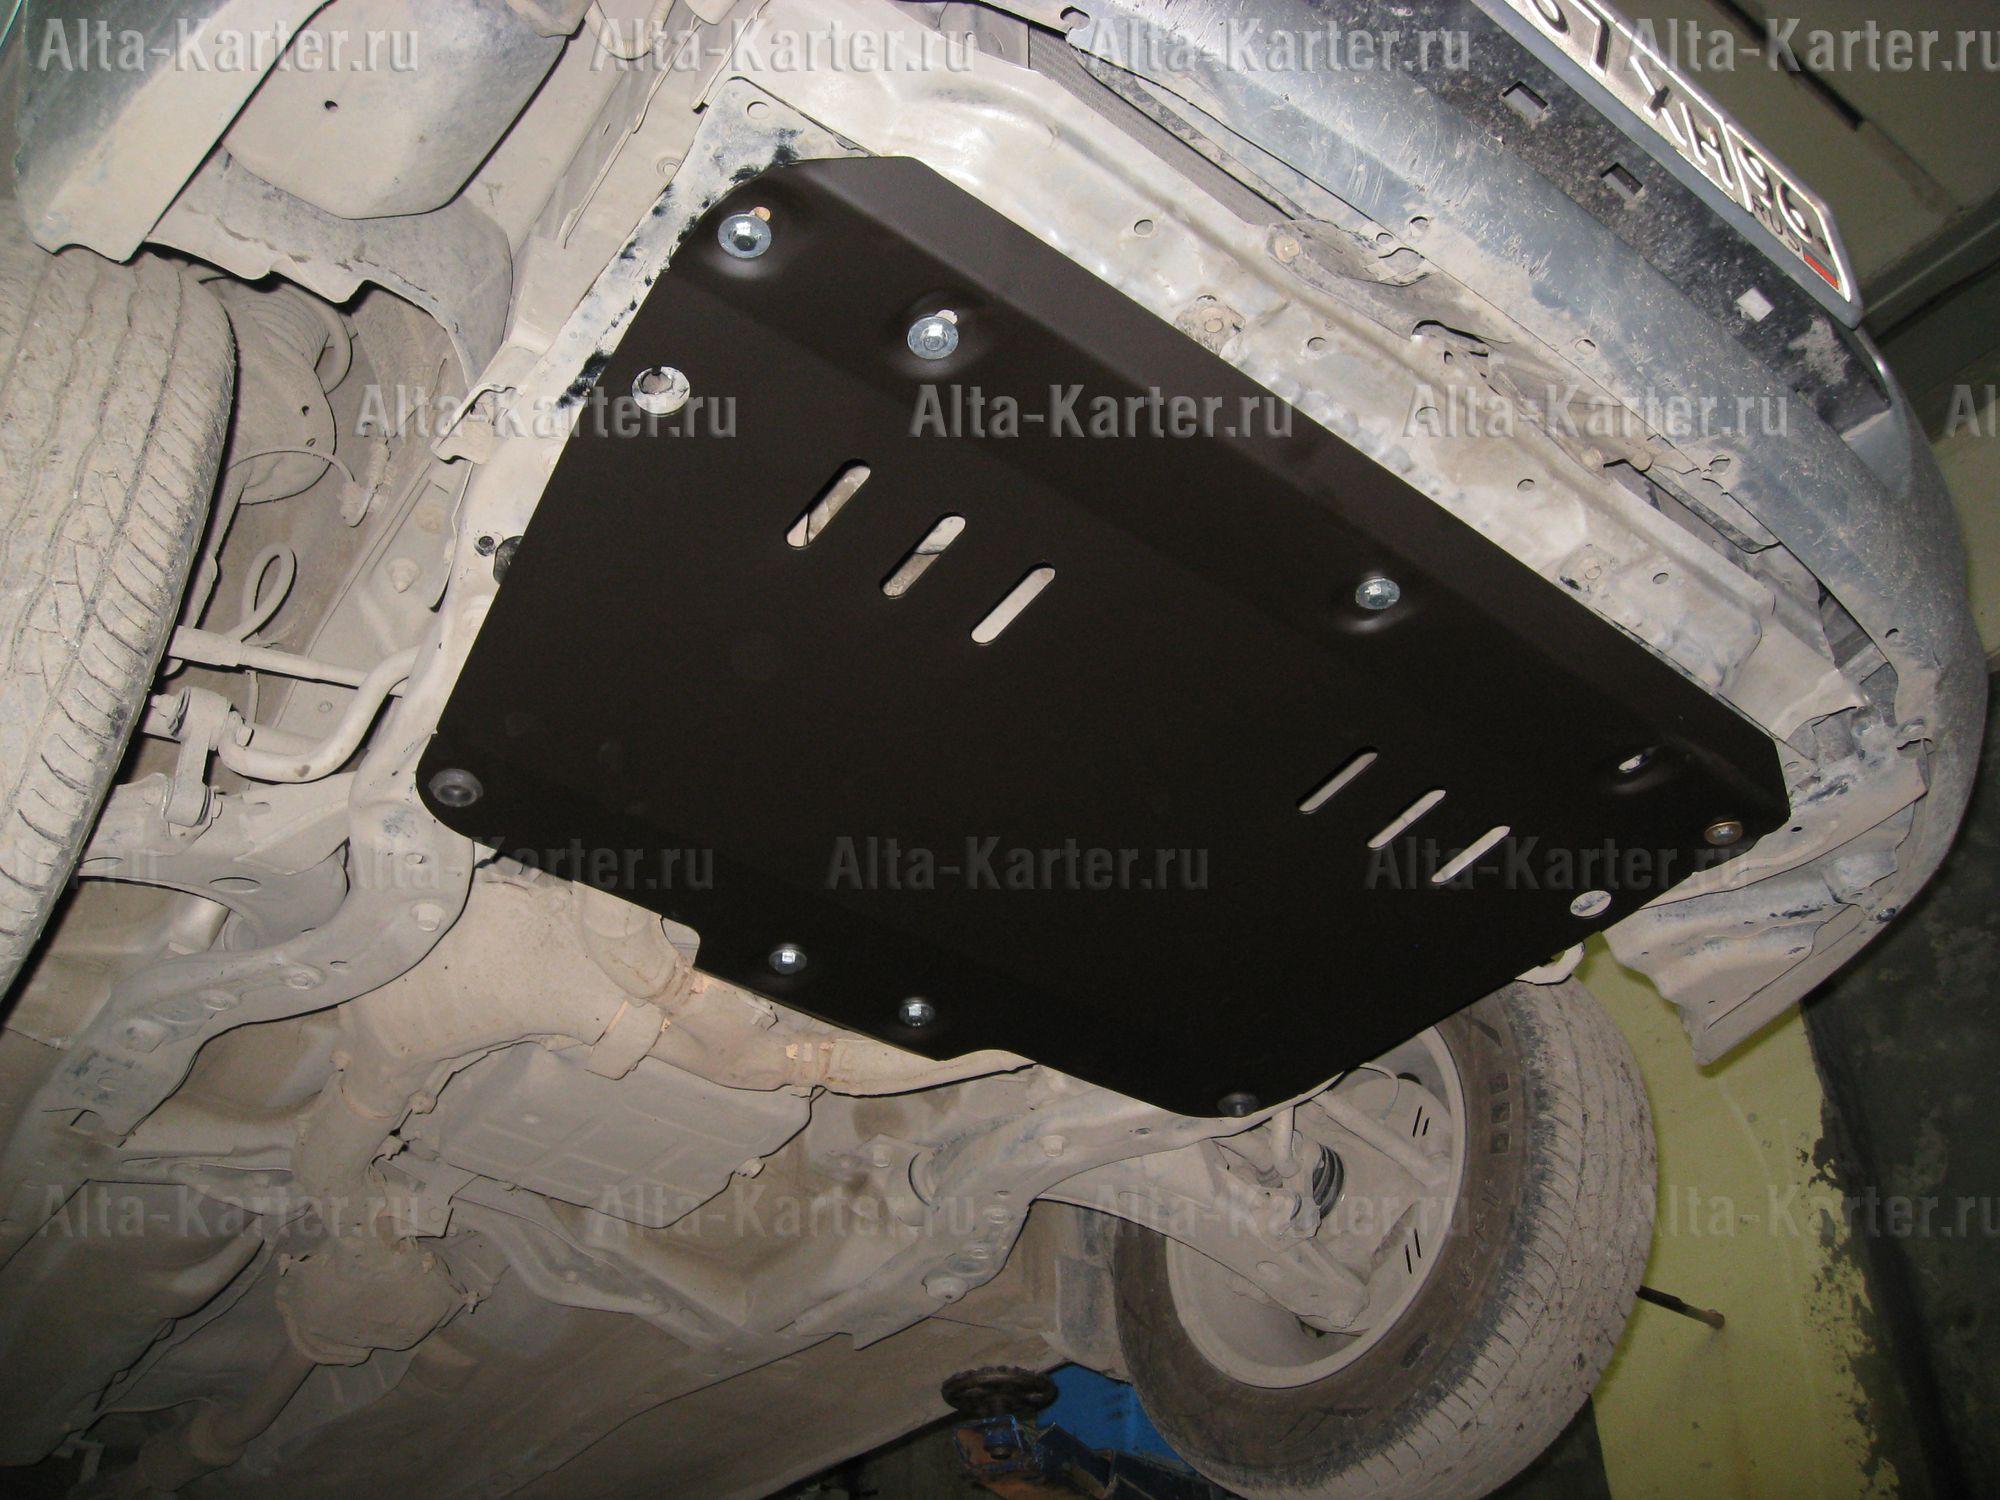 Защита Alfeco для картера Subaru Impreza II GD, GG правый руль 2000-2007. Артикул ALF.22.30